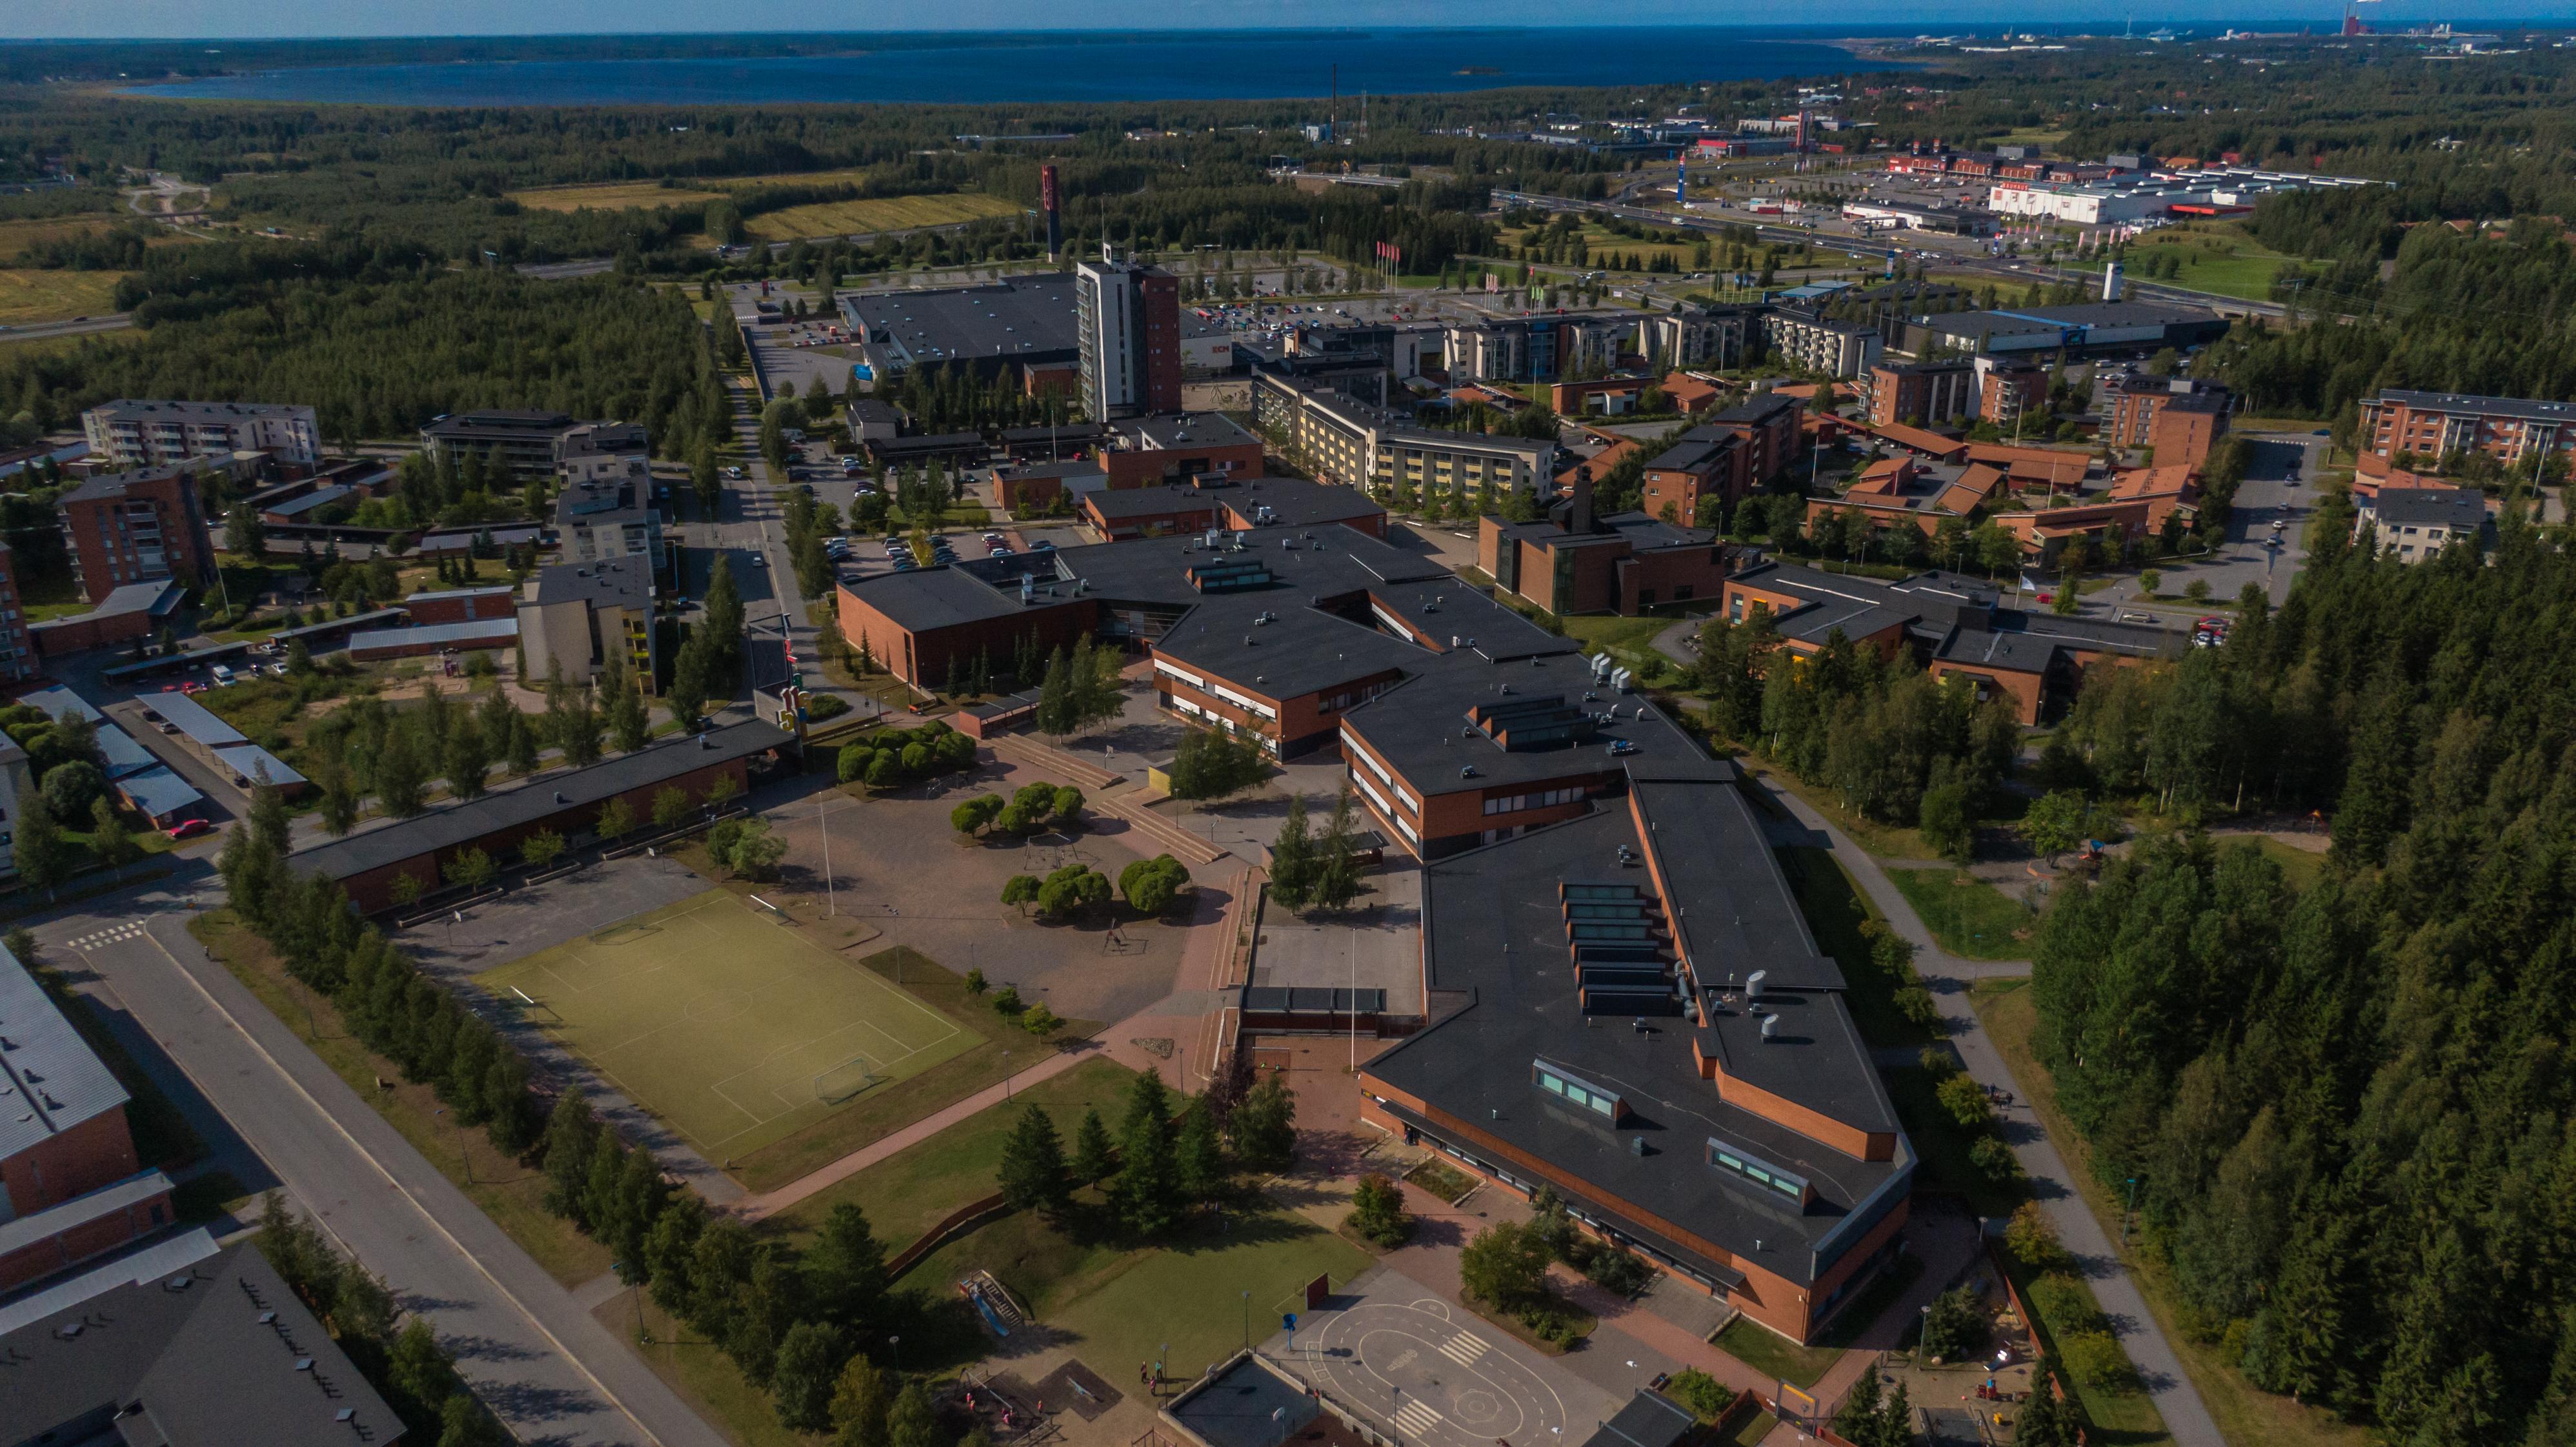 Korkealta otettu ilmakuva Kaakkurin keskustan tuntumasta. Kaakkurin koulu, pieni jalkapallokenttä ja punaisia sekä valkoisia kerrostaloja. Alueen korkein rakennus ja Pohjois-Suomen suurin päivittäistavaratalo taustalla.